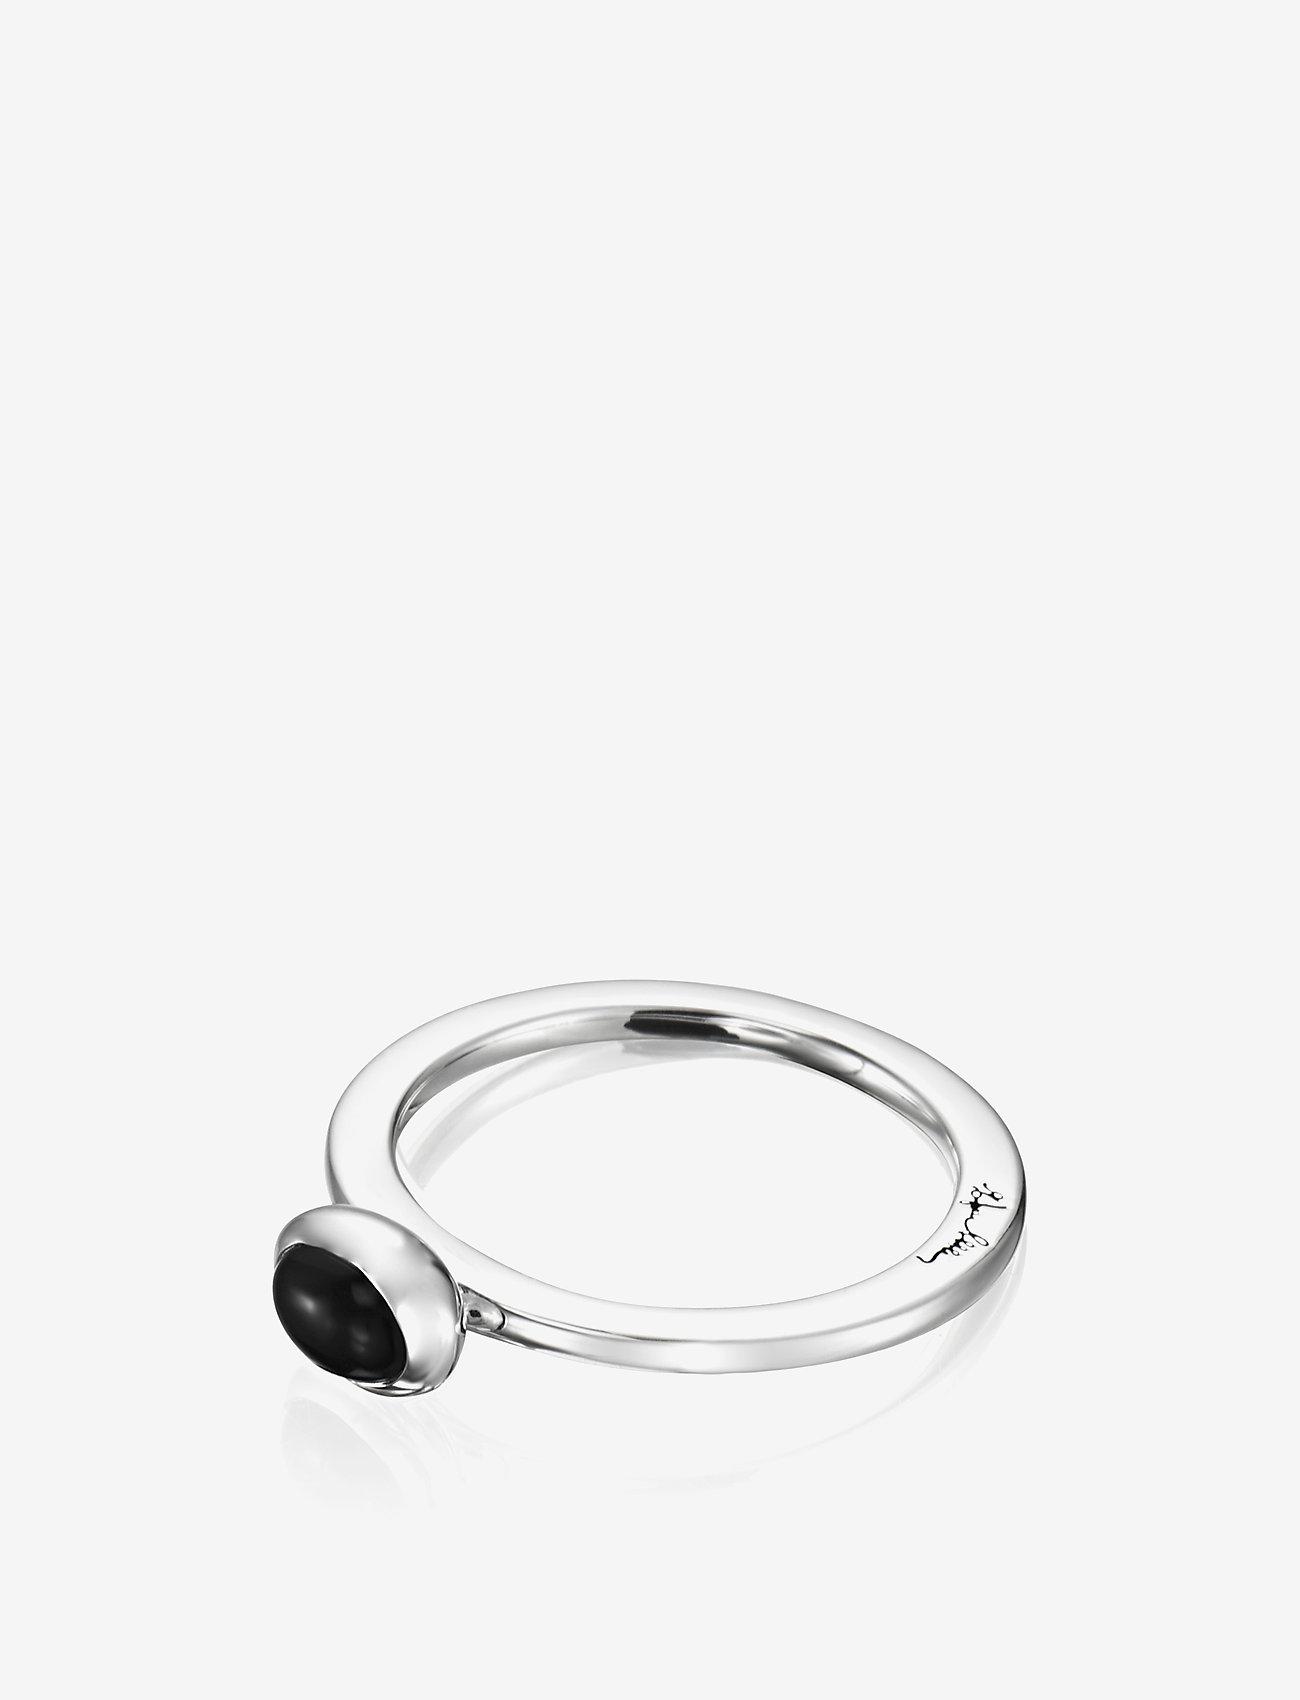 Efva Attling Love Bead Ring Silver - Onyx Smycken